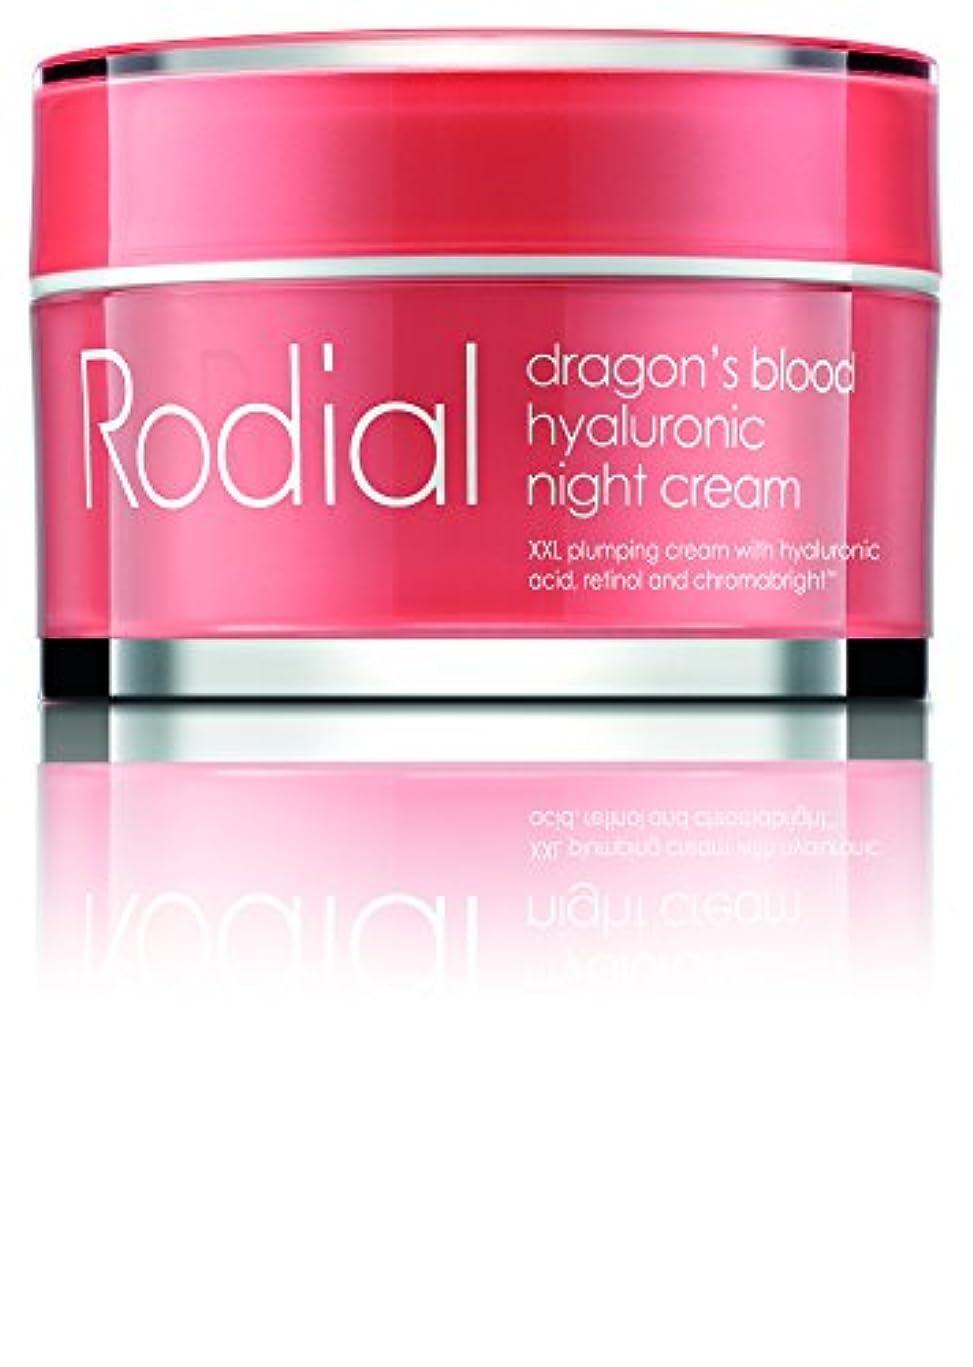 グッゲンハイム美術館パケット流用するRodial(ロディアル) ドラゴンズブラッド ナイトクリーム